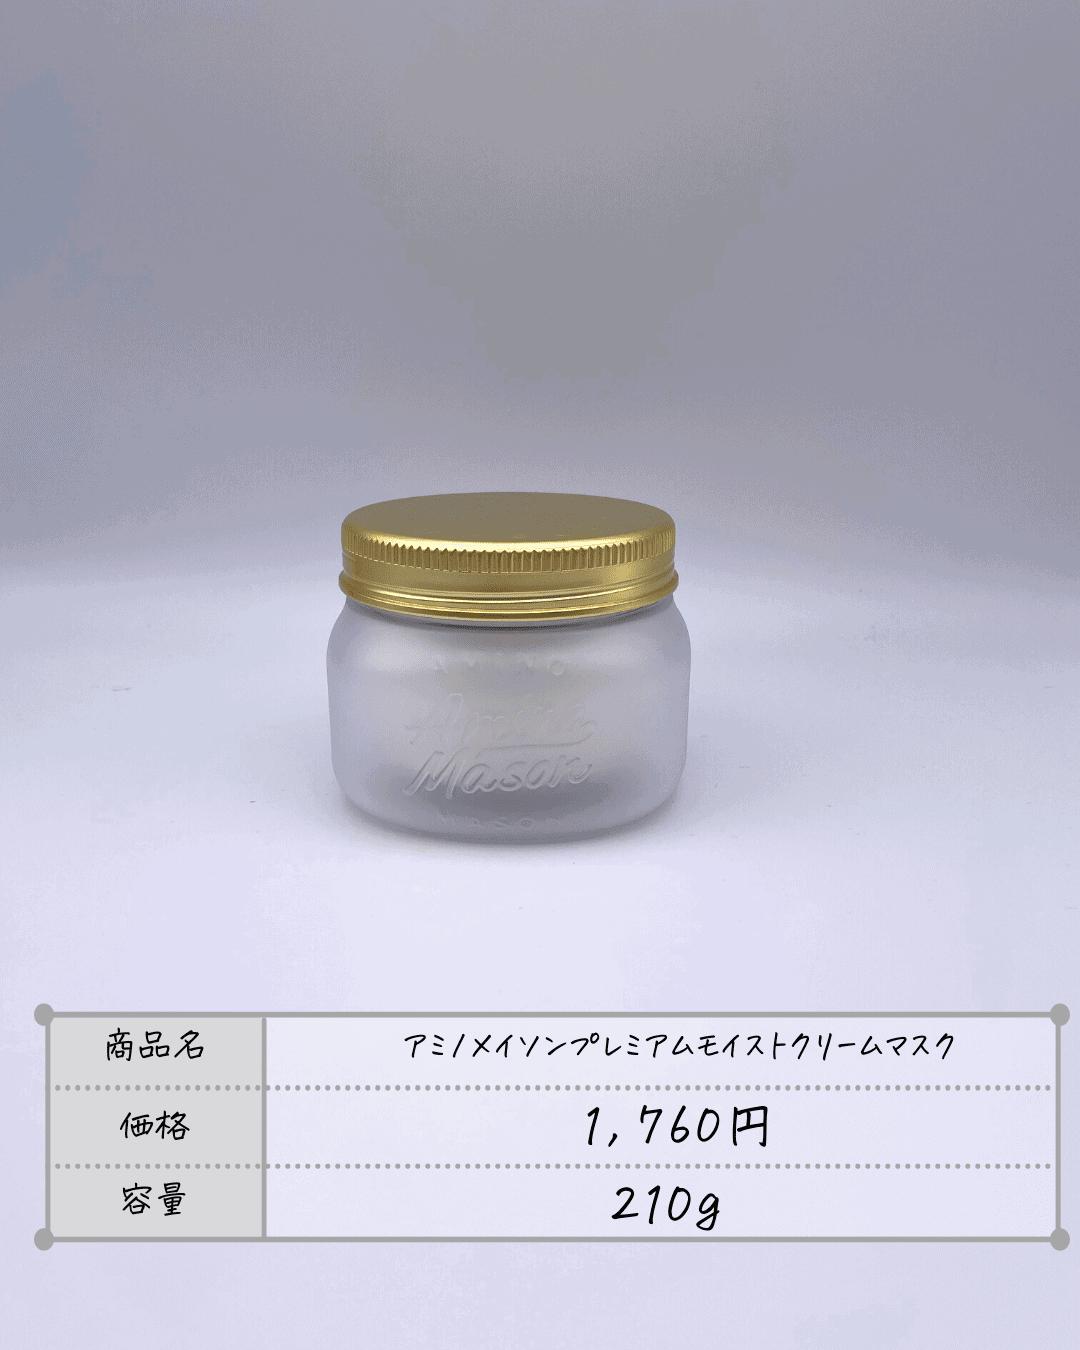 アミノメイソンプレミアムモイストクリームヘアマスクの商品情報&価格